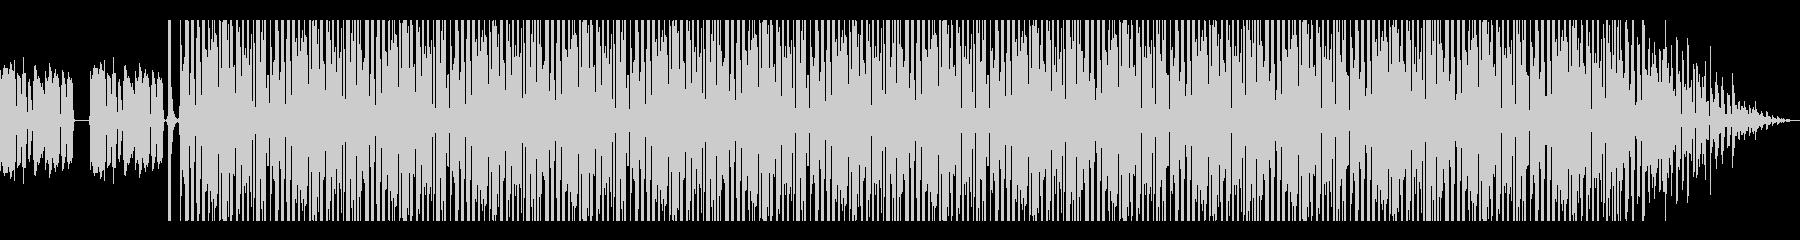 軽快 オシャレ ツインギター ファンクの未再生の波形